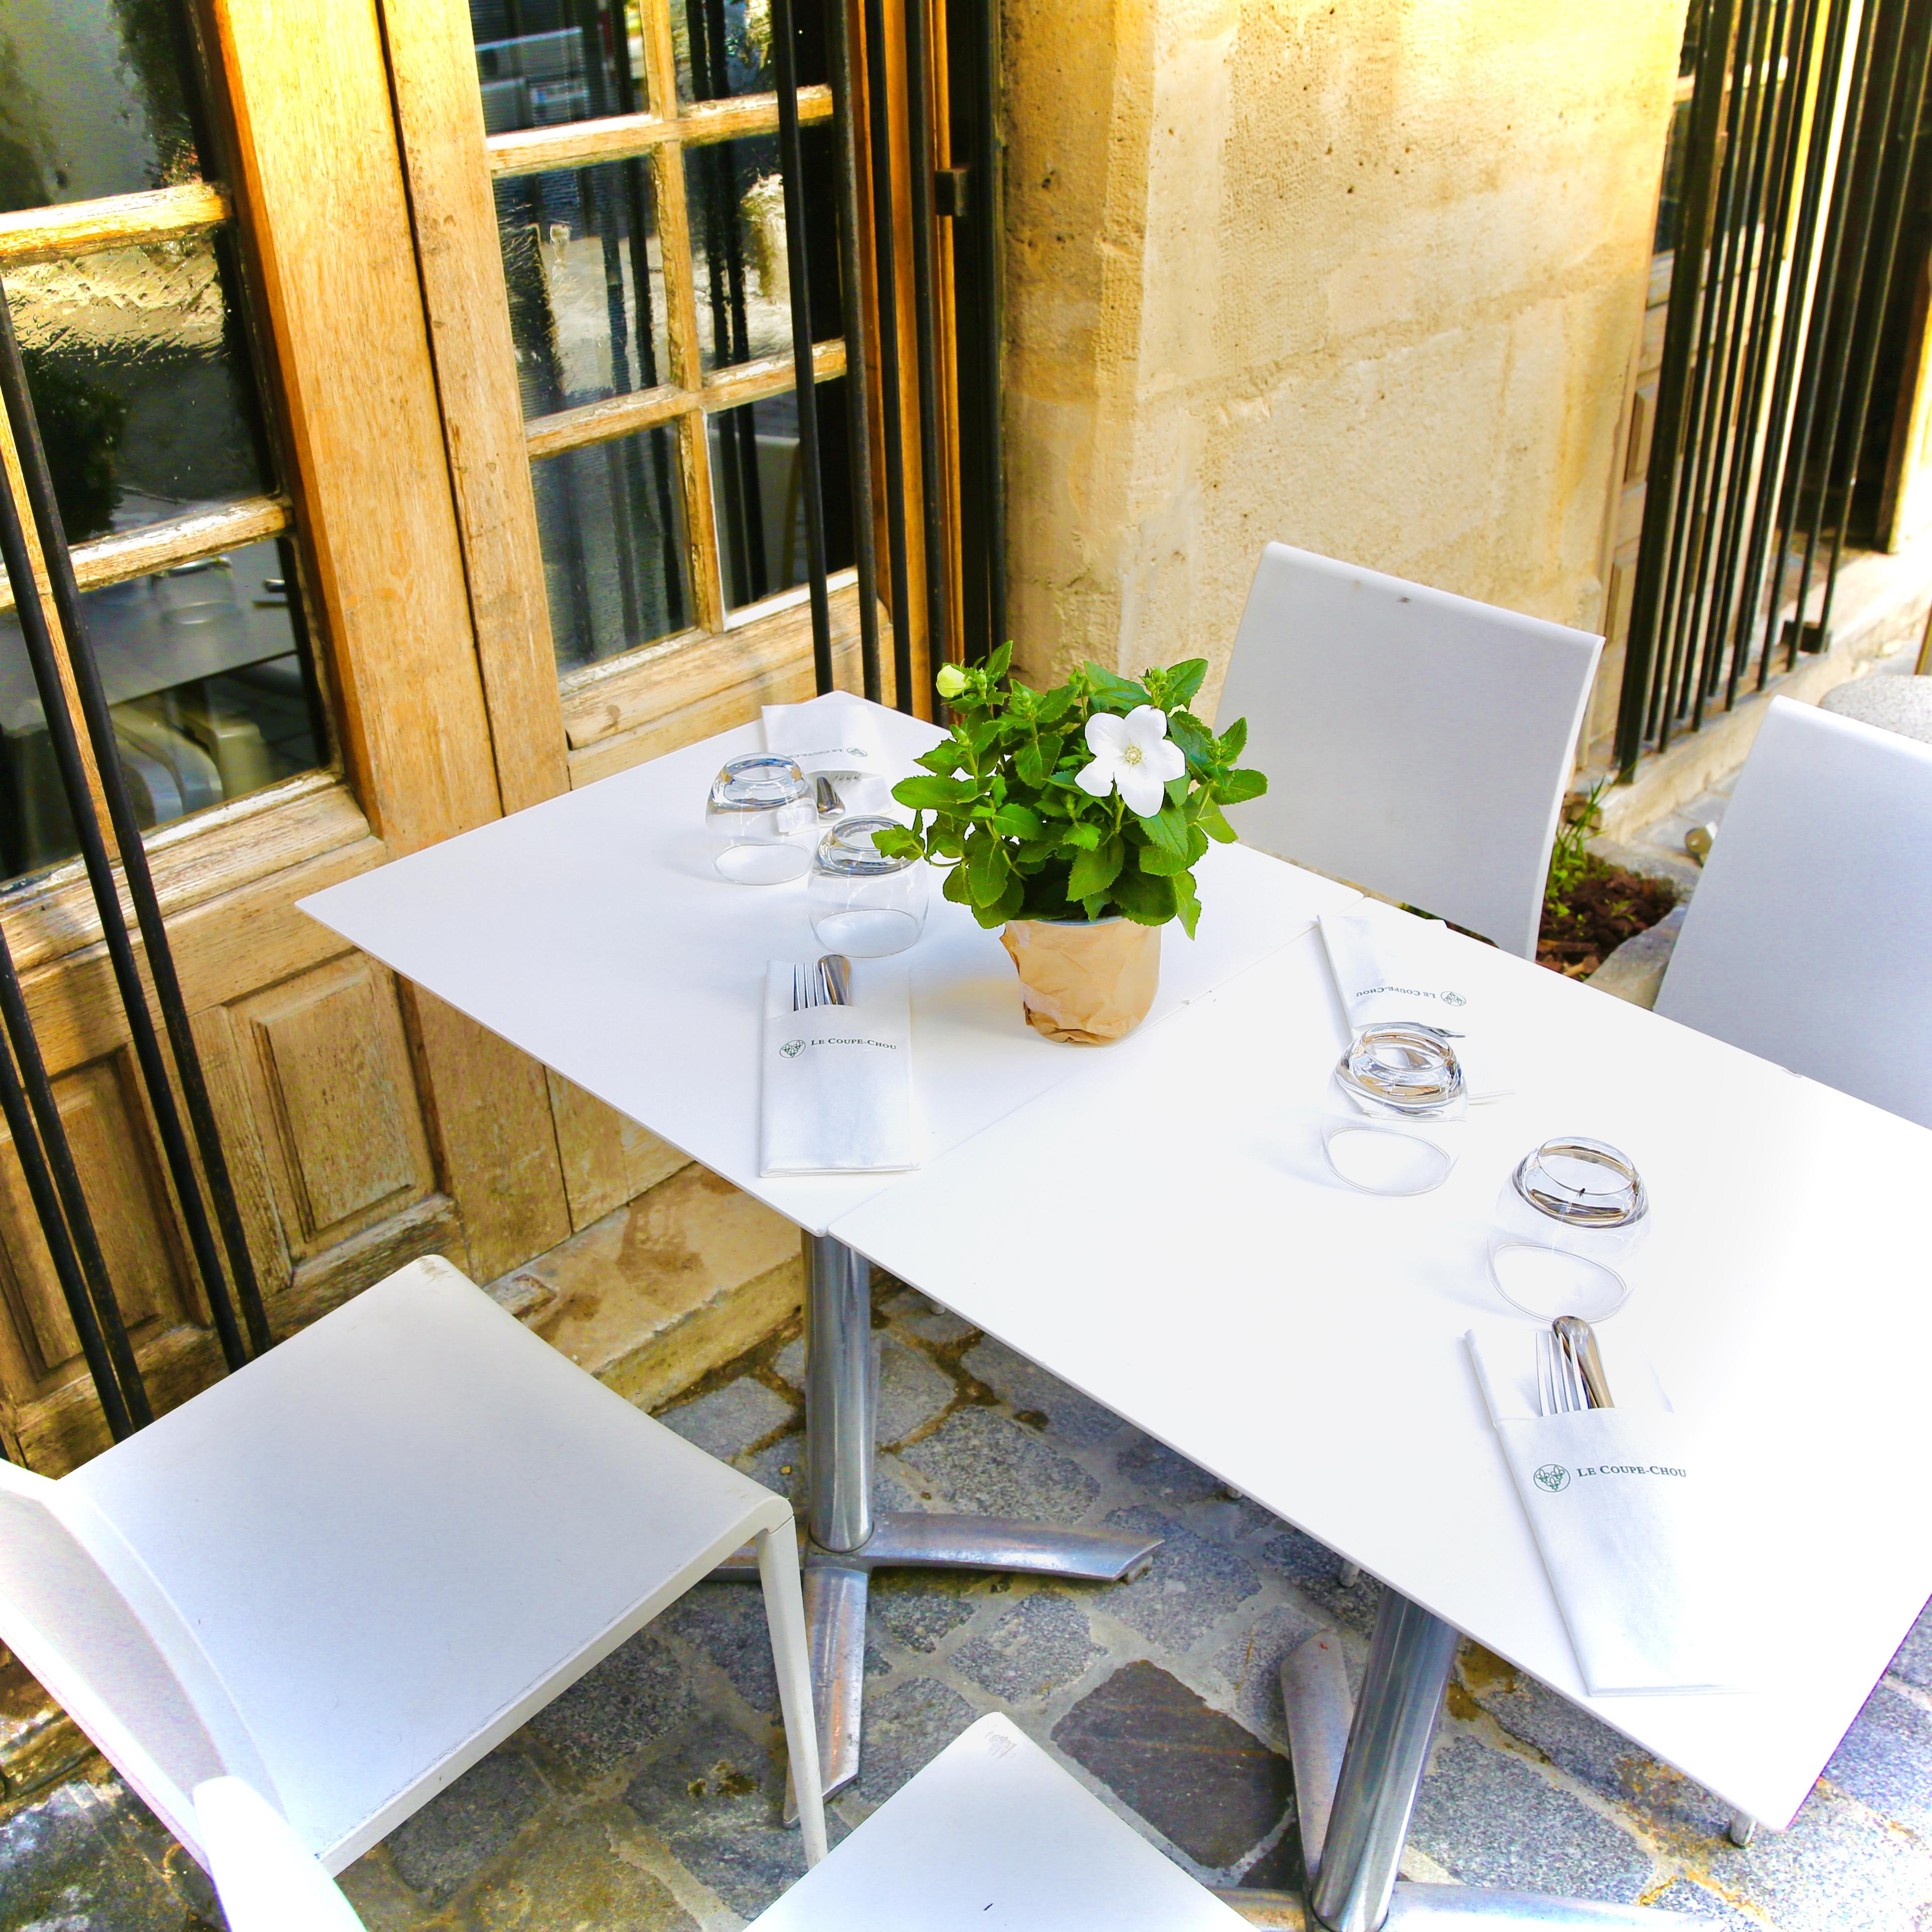 Restaurant mit Kamin - Paris - Feu de bois